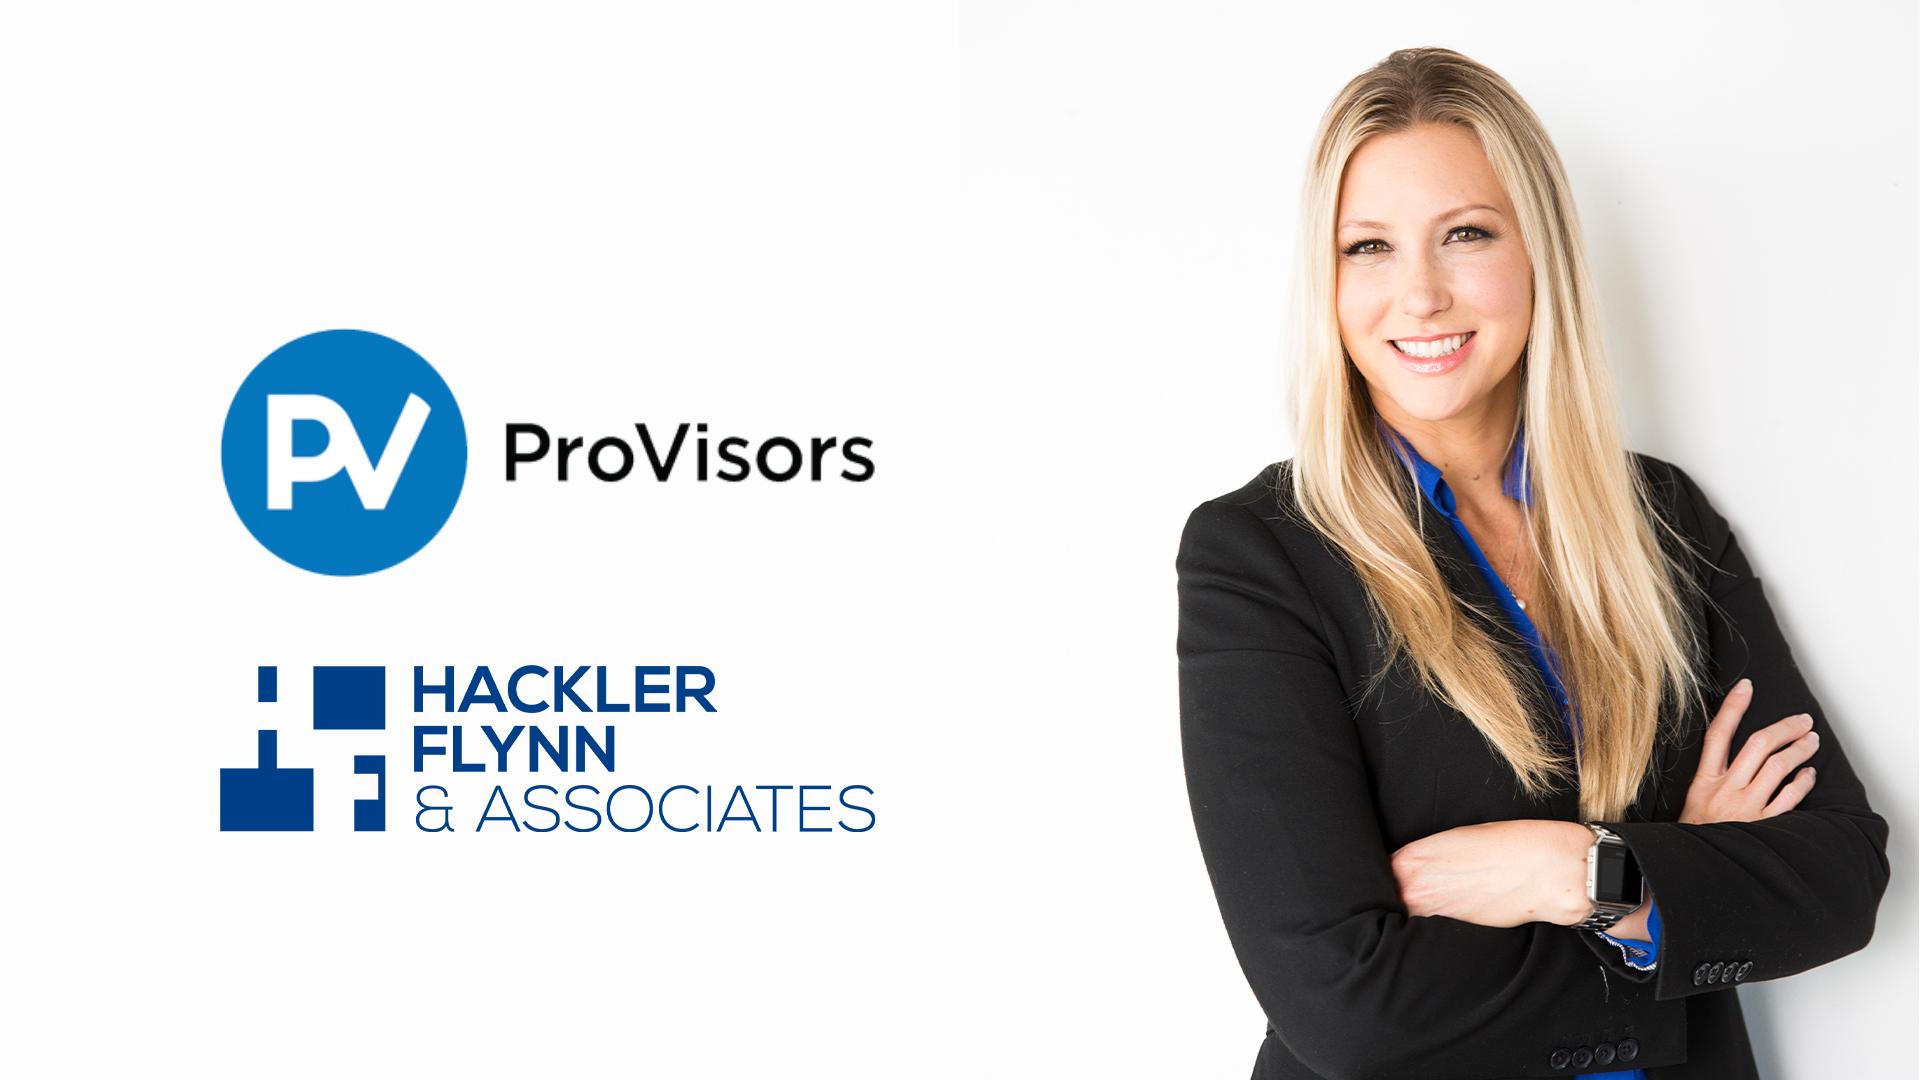 Hackler Flynn Provisors